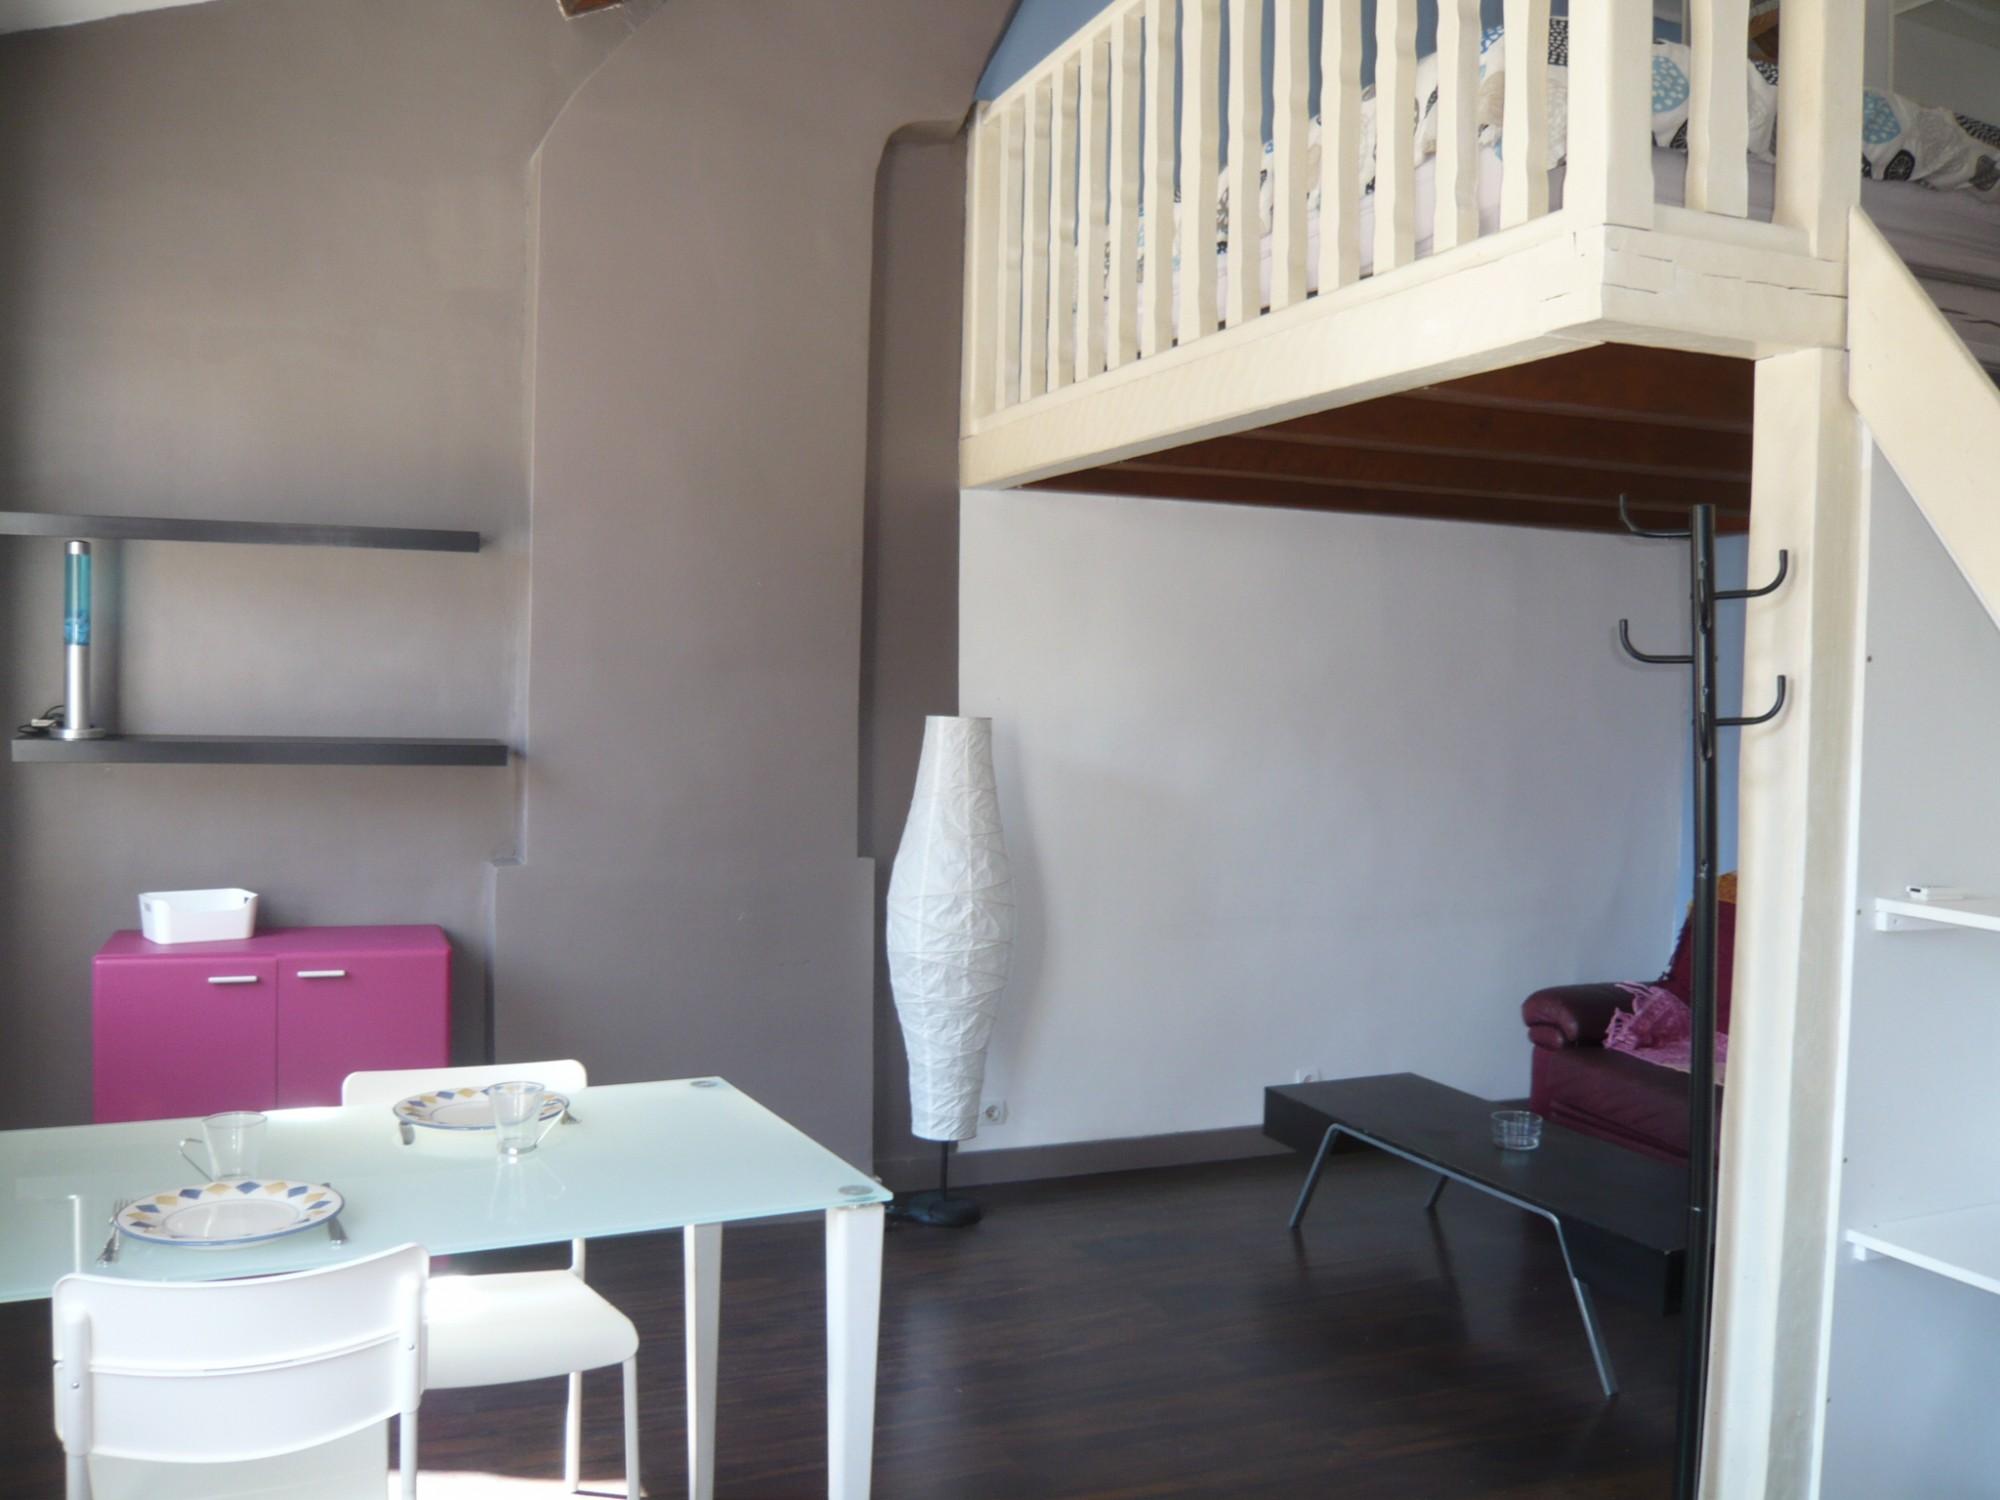 Location APPARTEMENT T1 Marseille 13007, Quartier Saint Victor, Meublé, mezzanine,calme, lumineux, proximité transports, accès autoroutes et commerces